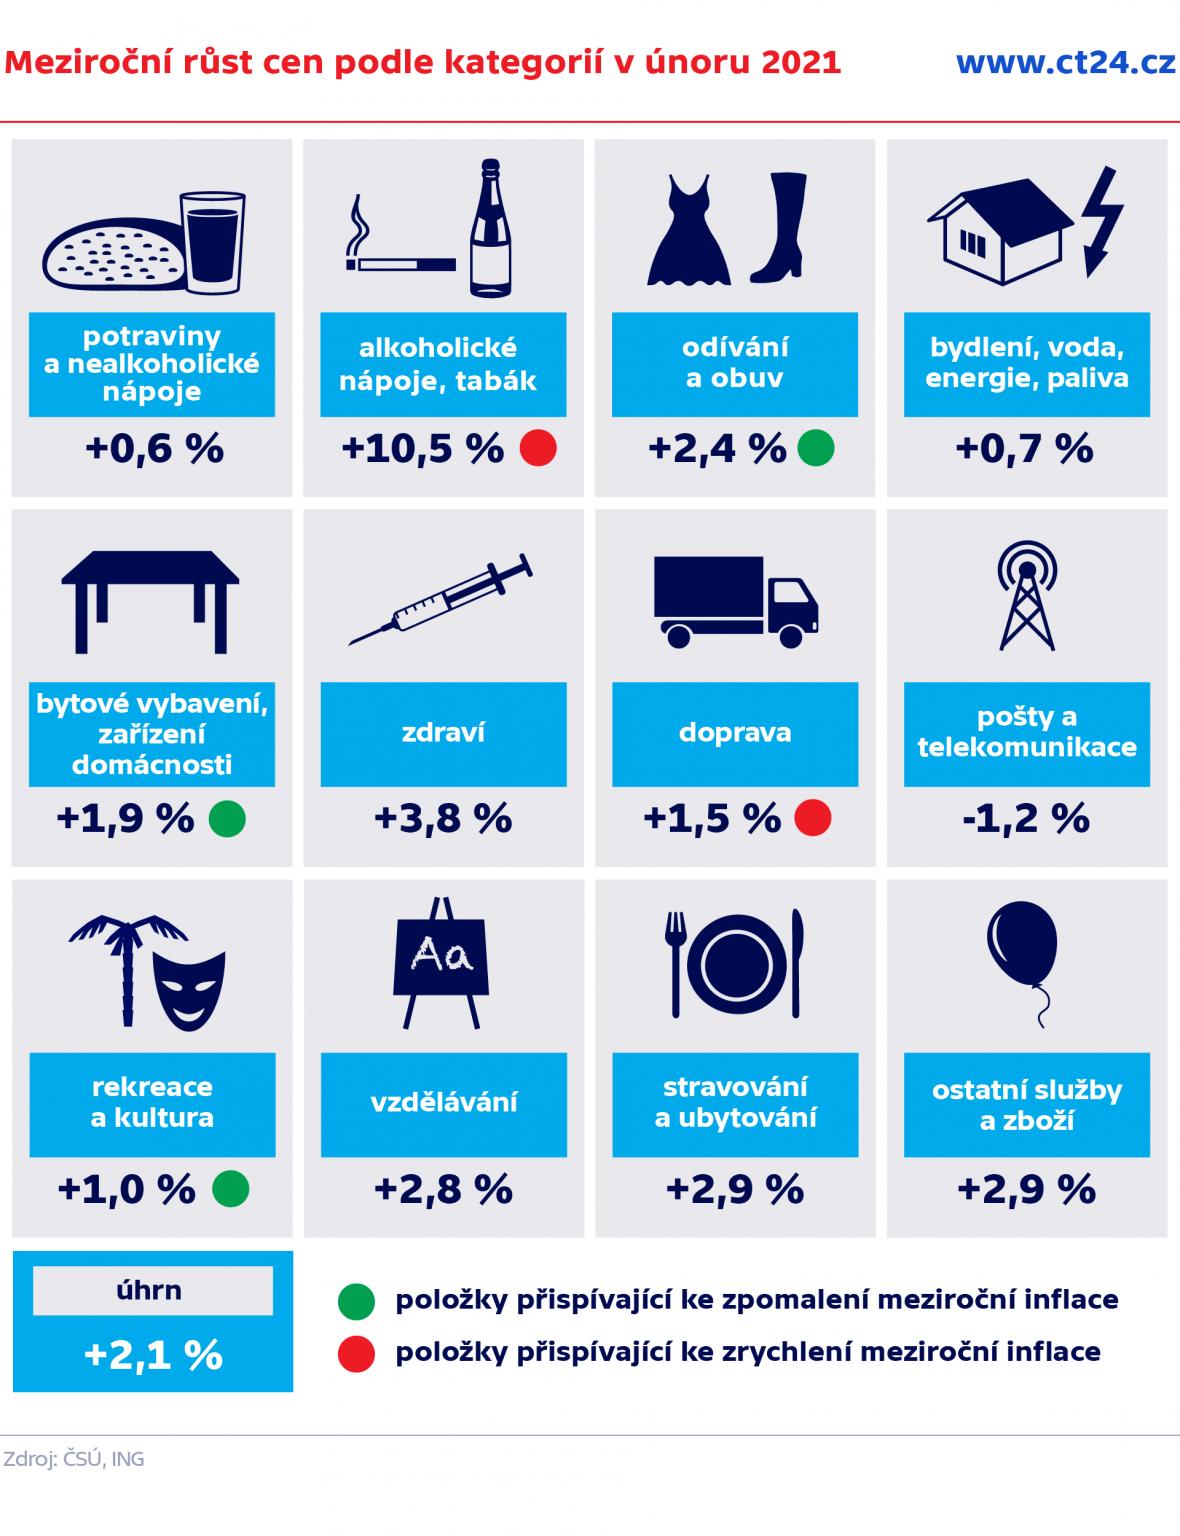 Meziroční růst cen podle kategorií v únoru 2021